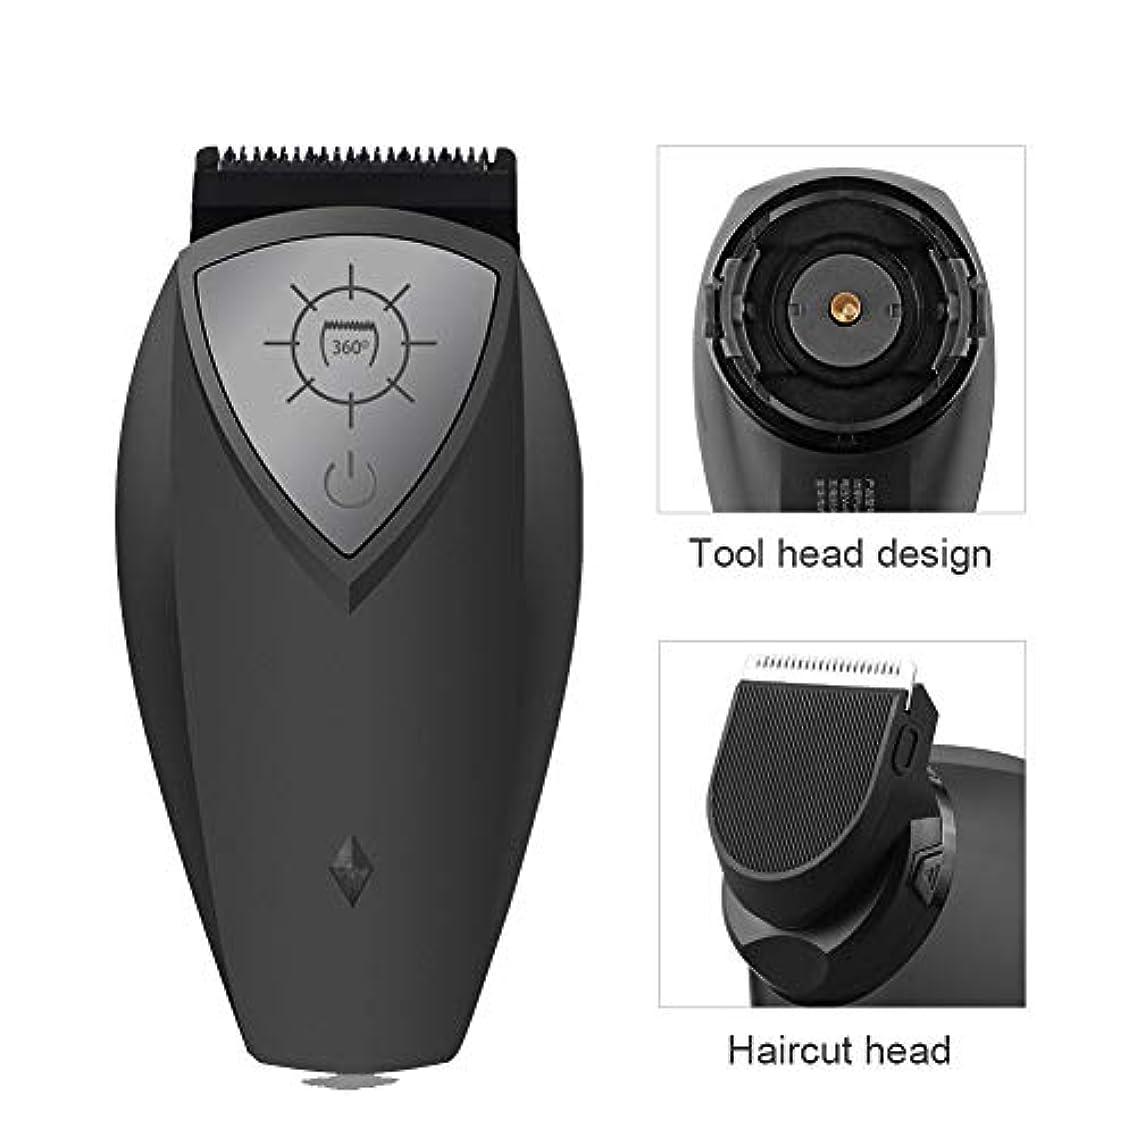 売る繁殖スタジアムLambowo 360度の回転式有料男性の電気シェーバーボディひげの毛のトリマーのかみそり